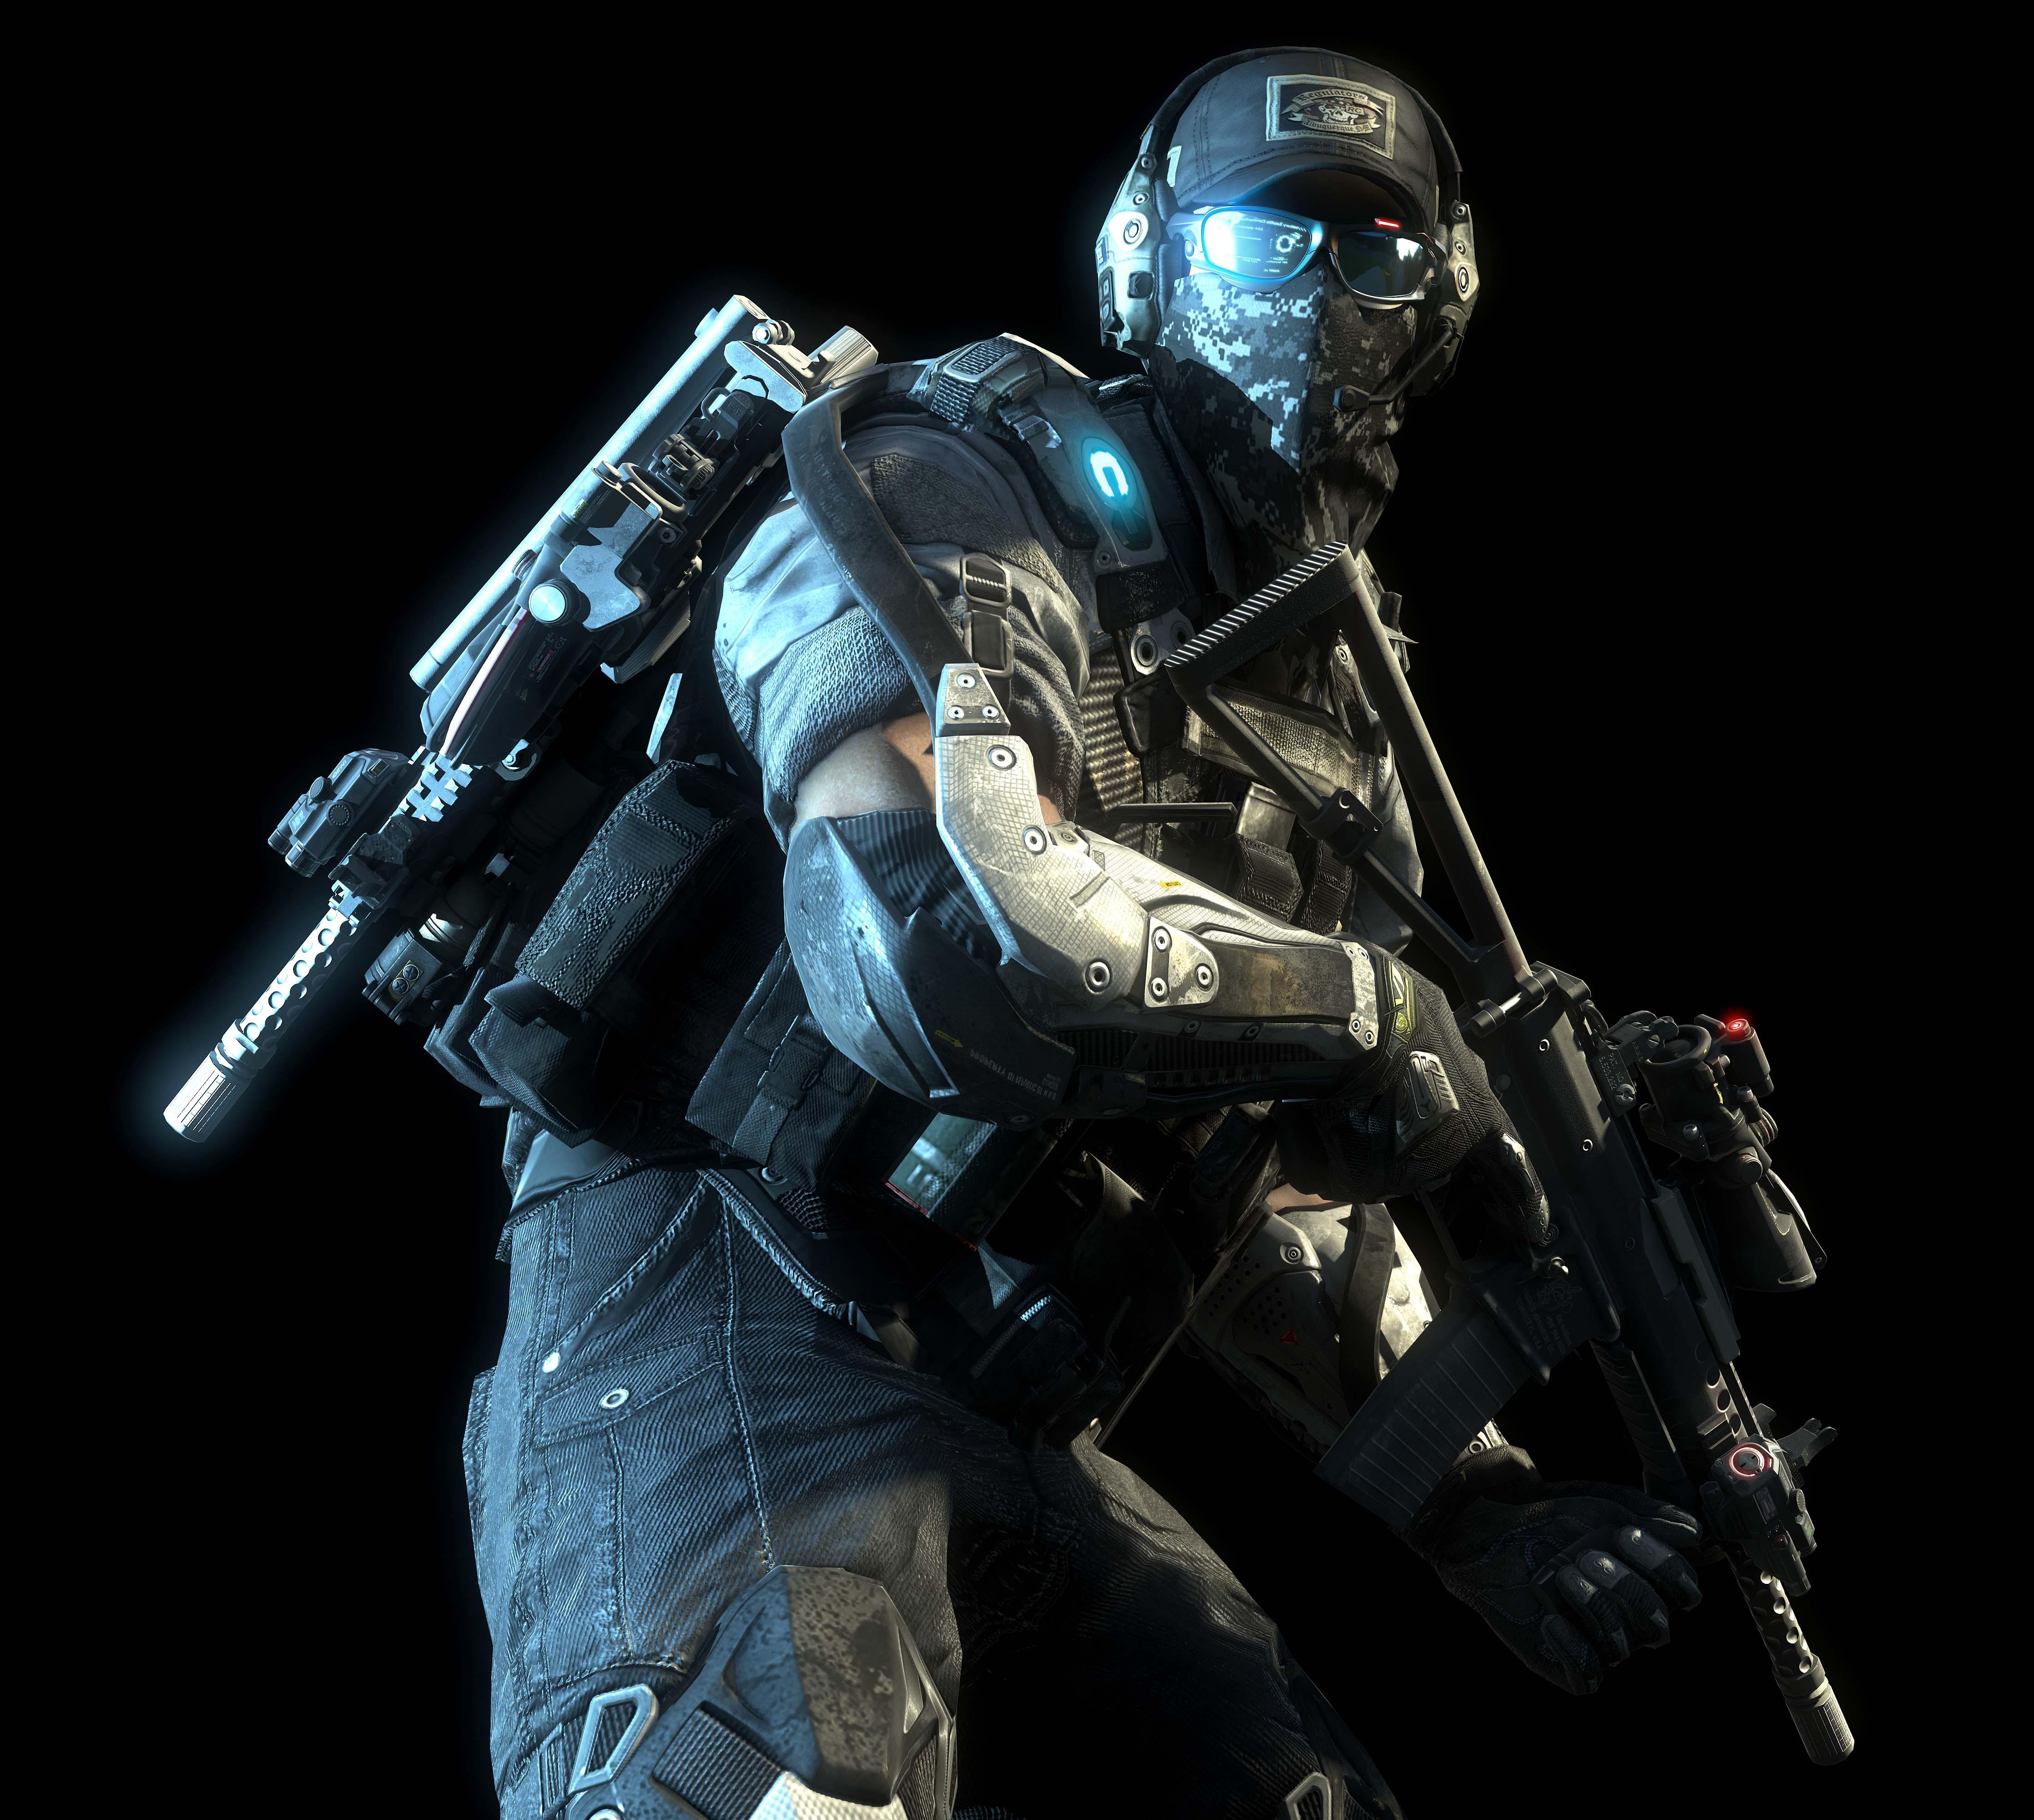 完美世界的人物图片_重火力MC人物模型超高清原画欣赏_52pkMC游戏图片